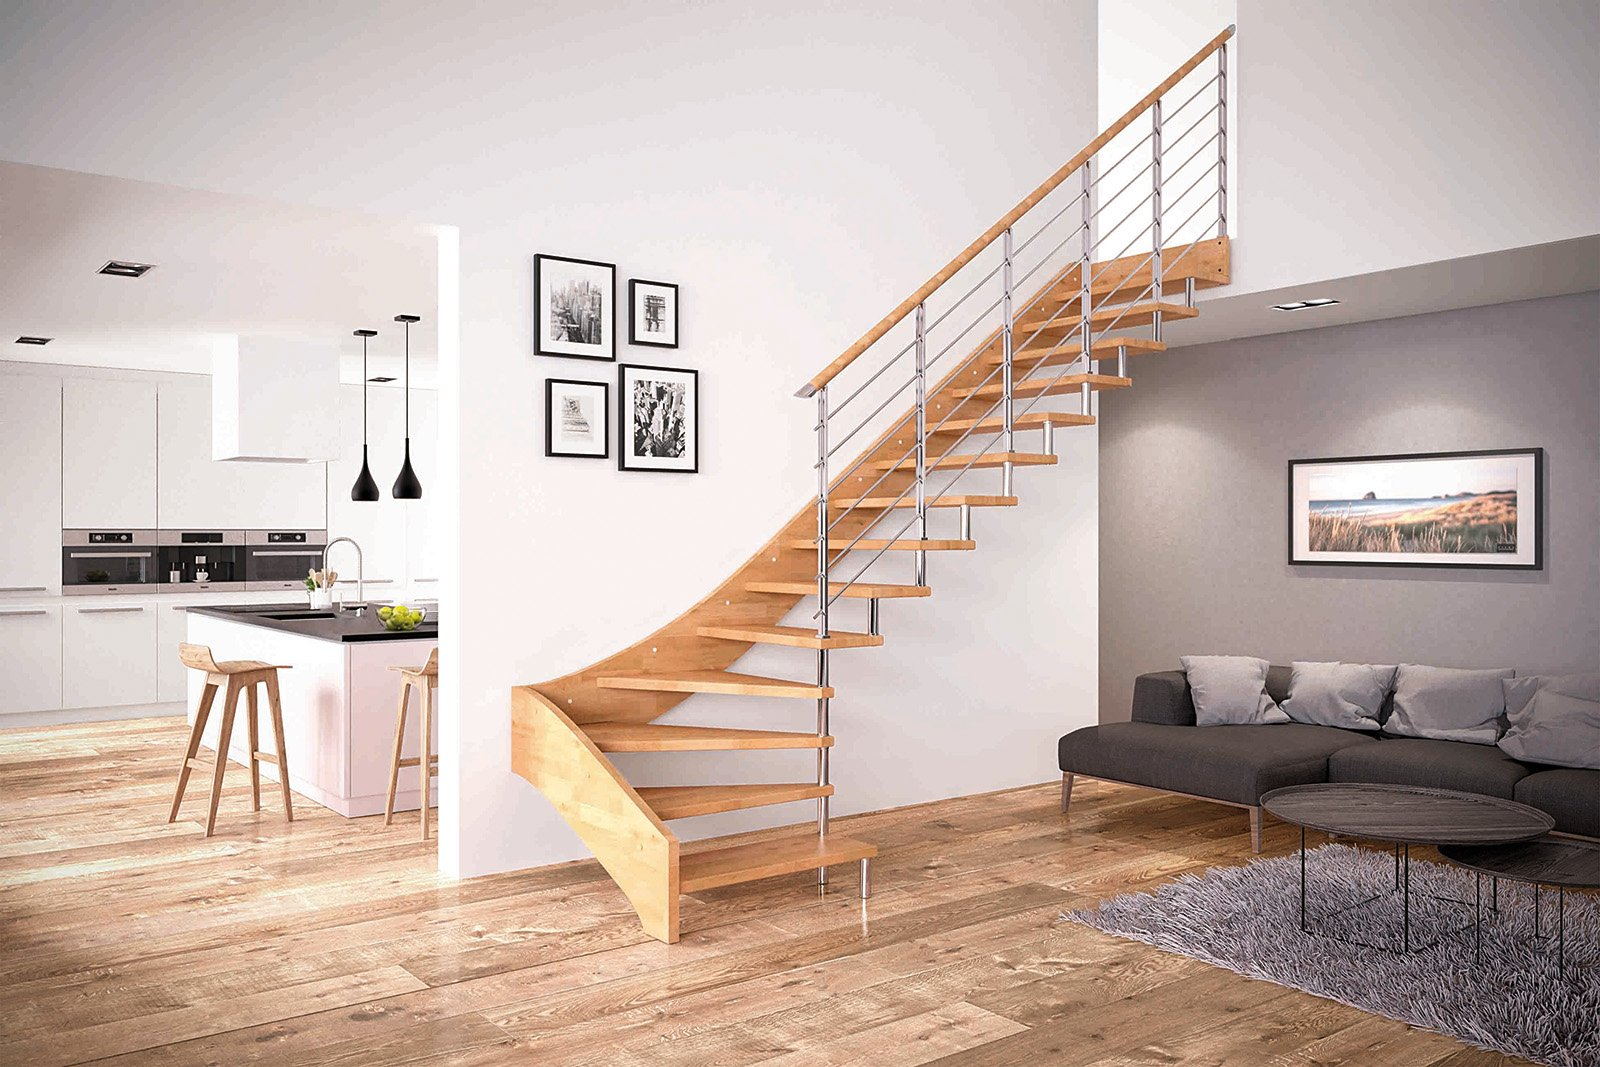 Scegliere la scala per collegare il sottotetto cose di casa for Disegni di interni